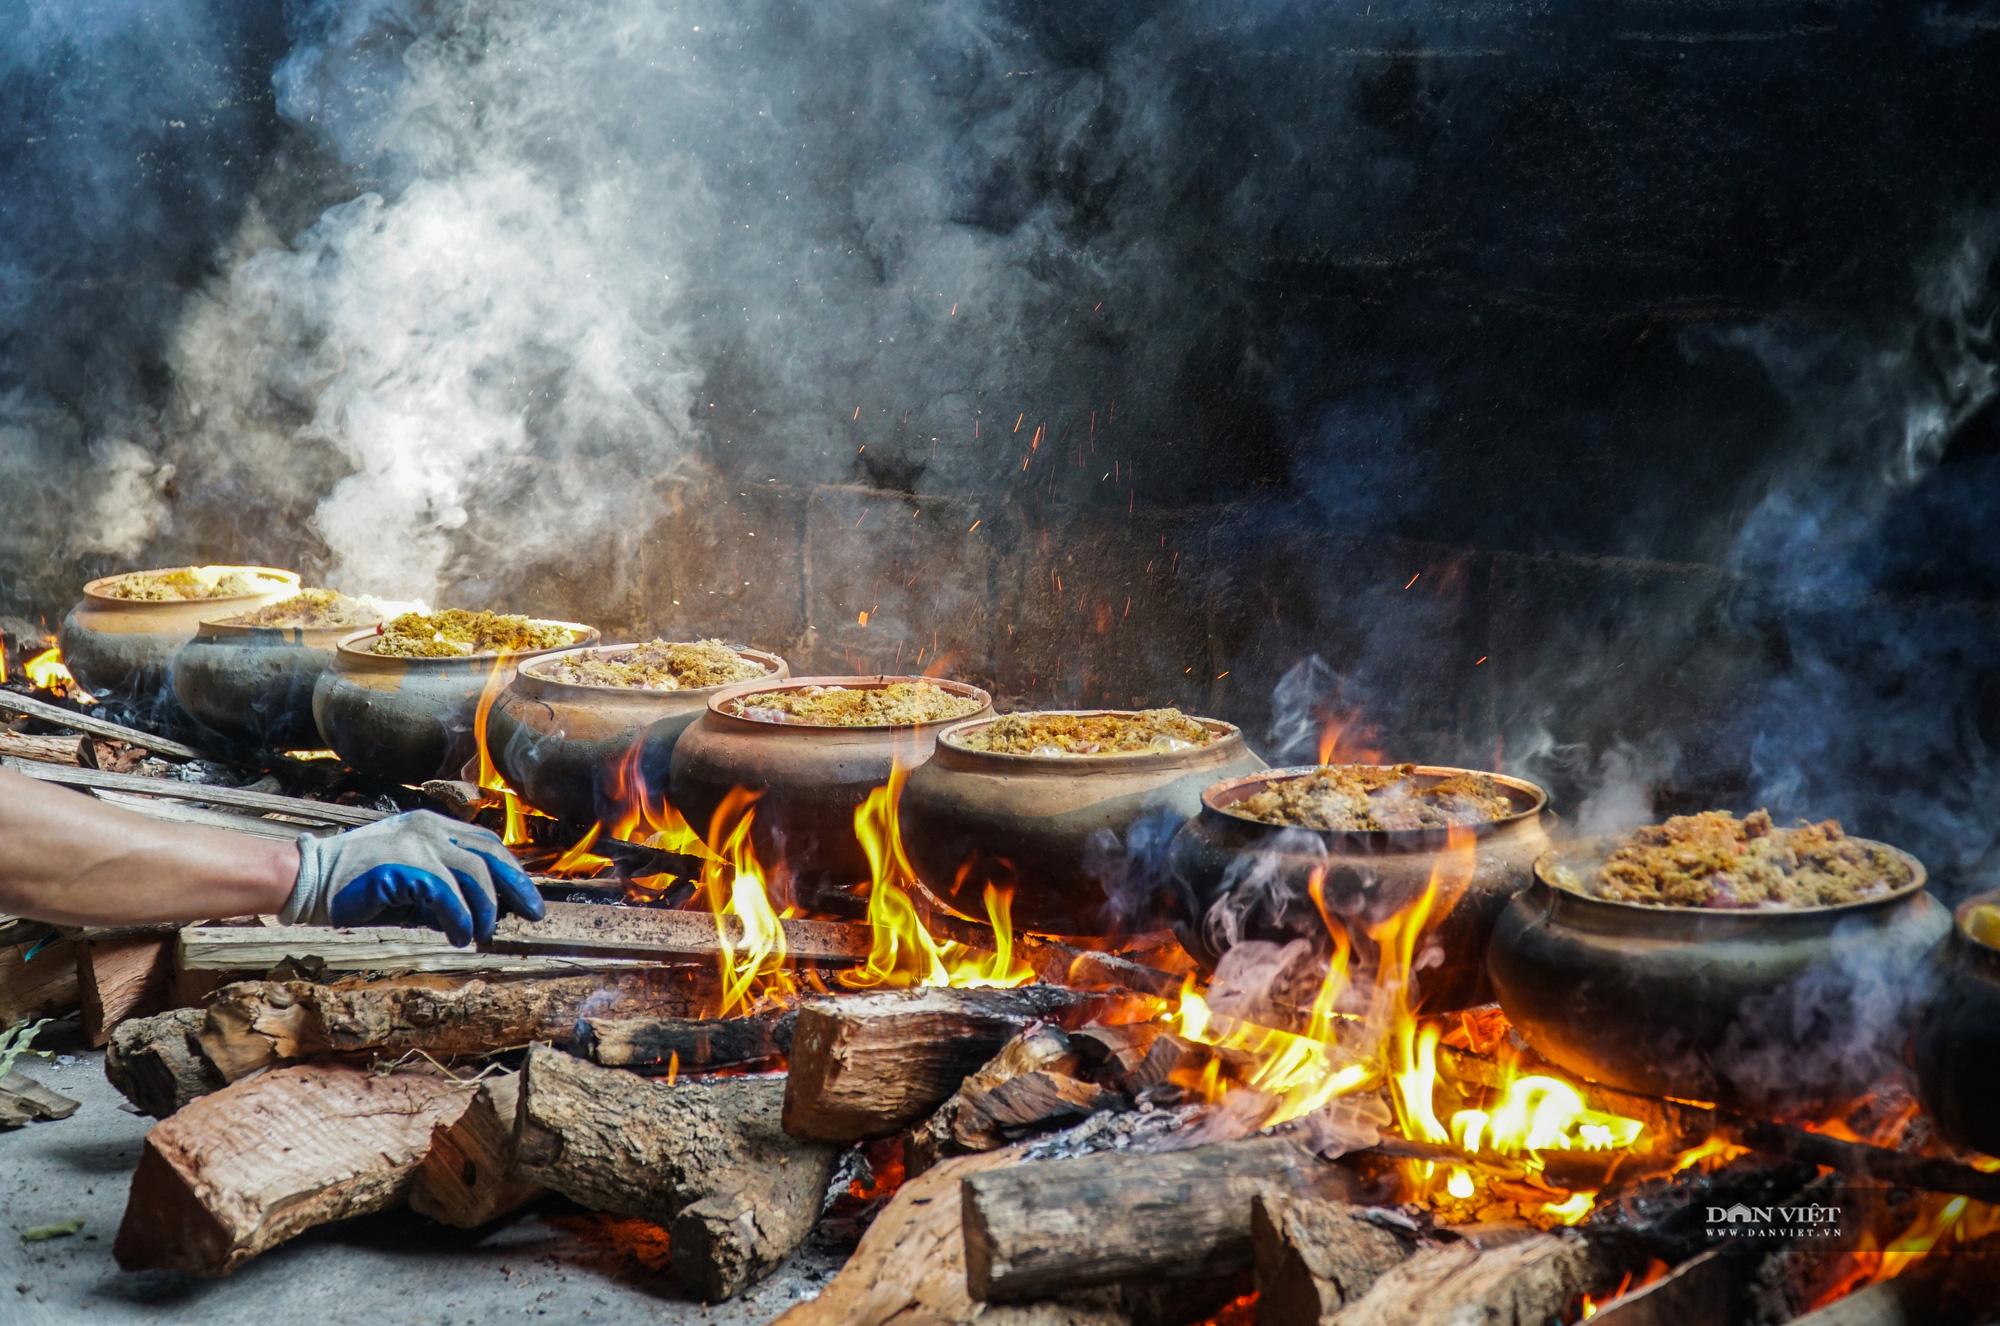 Nghi ngút khói bếp kho cá làng Vũ Đại những ngày cận Tết - Ảnh 1.